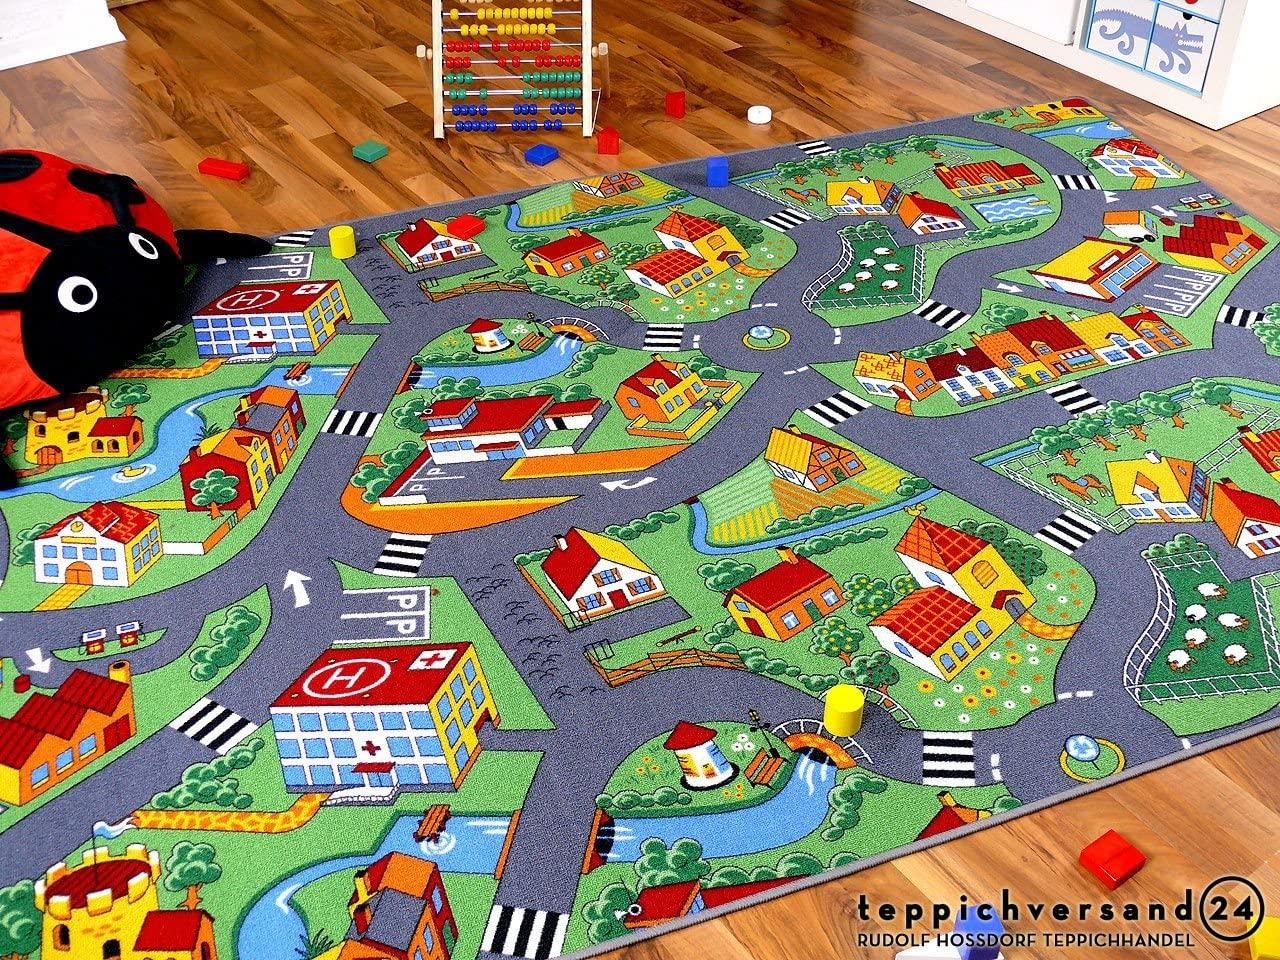 Full Size of Teppichboden Kinderzimmer Amazonde Snapstyle Spiel Teppich Little Village Grn In Regale Regal Sofa Weiß Kinderzimmer Teppichboden Kinderzimmer